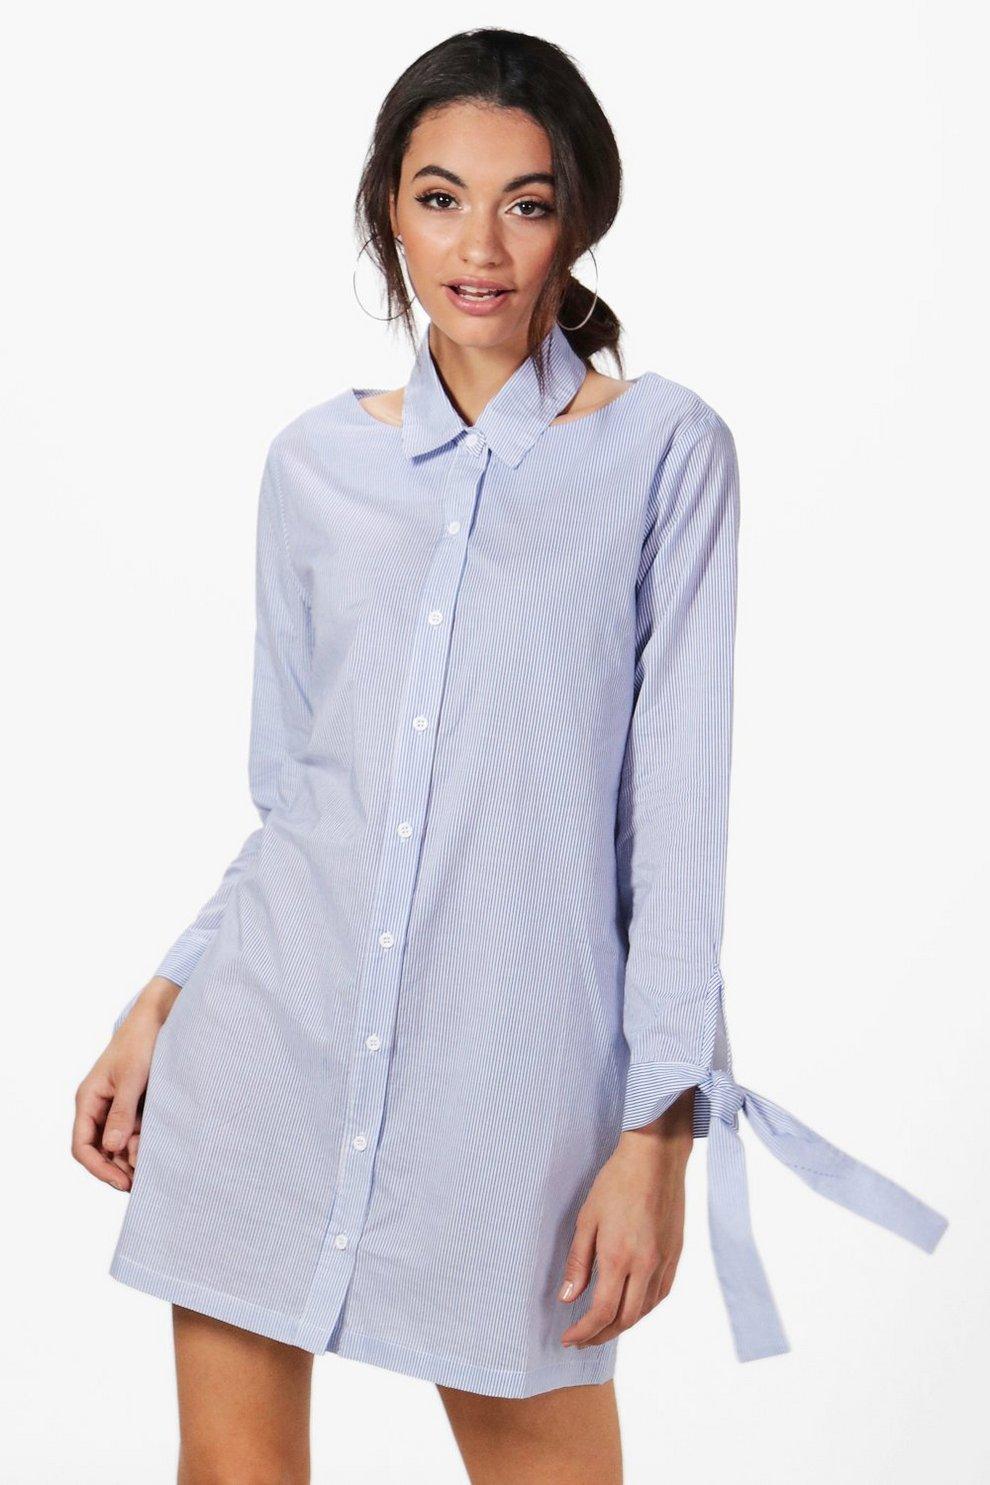 bf919d05169a bianca abito a camicia a righe con choker